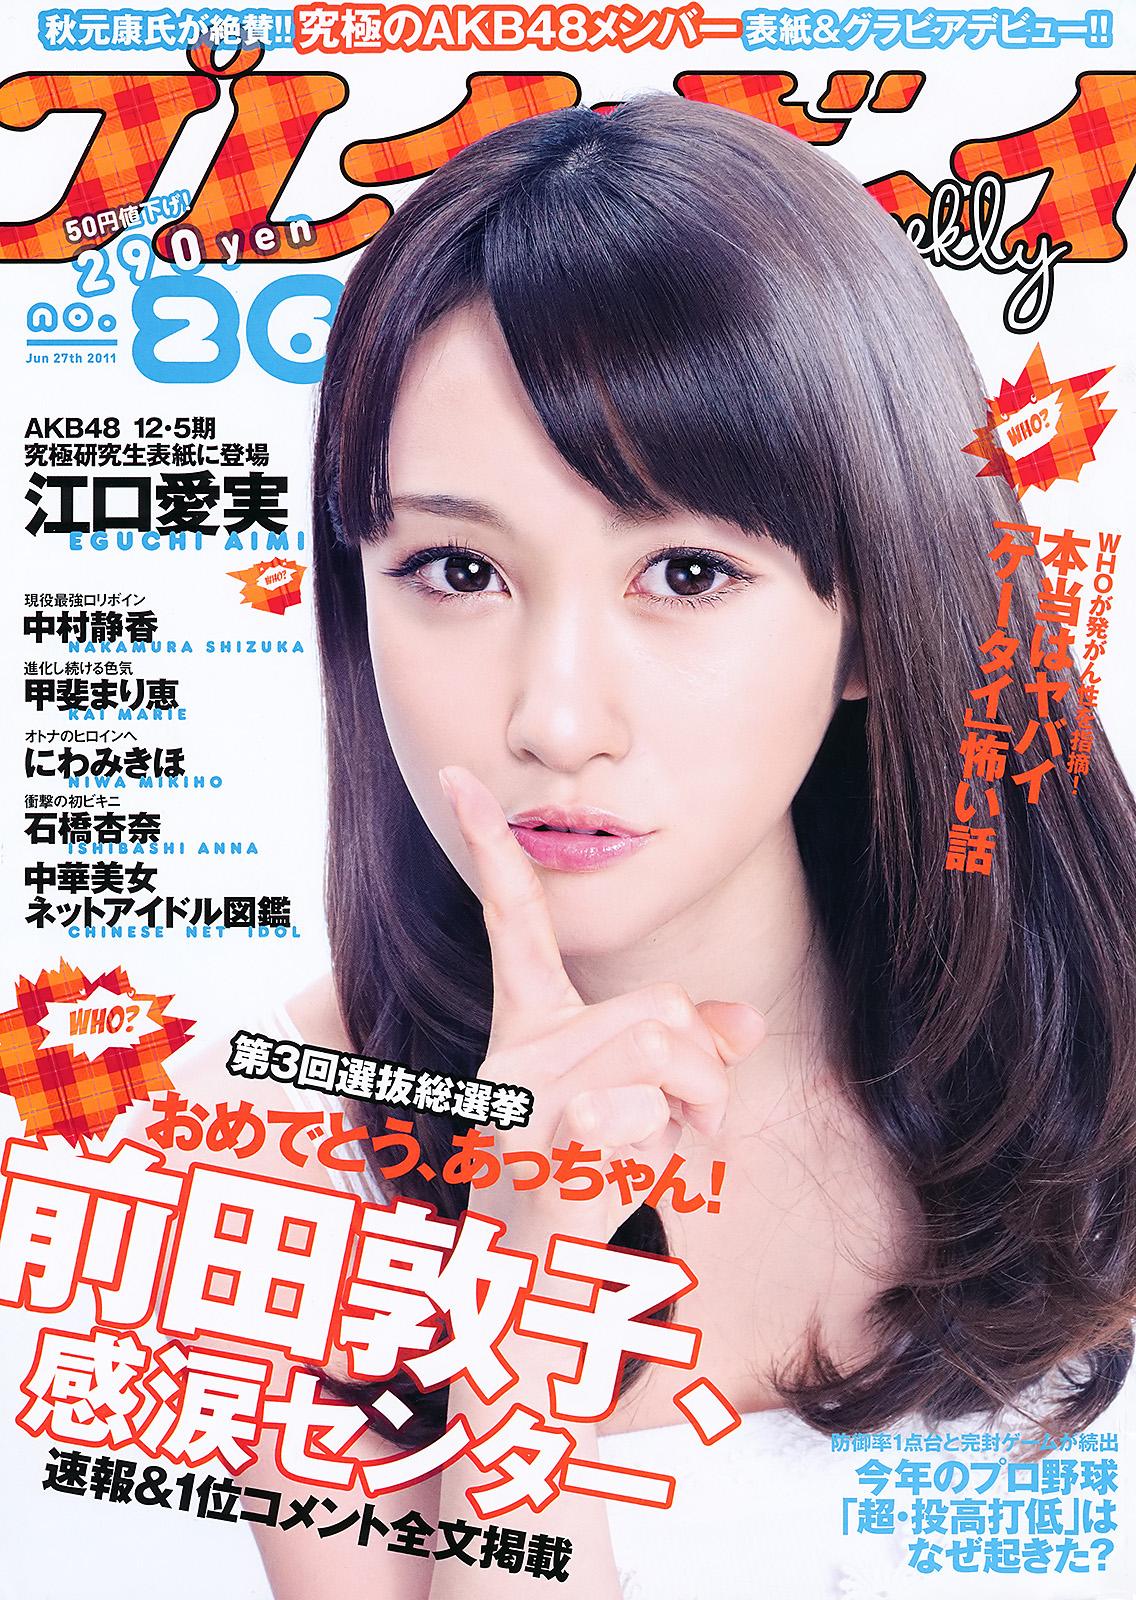 20151024.03.06 Weekly Playboy (2011.26) 001 (JPOP.ru).jpg